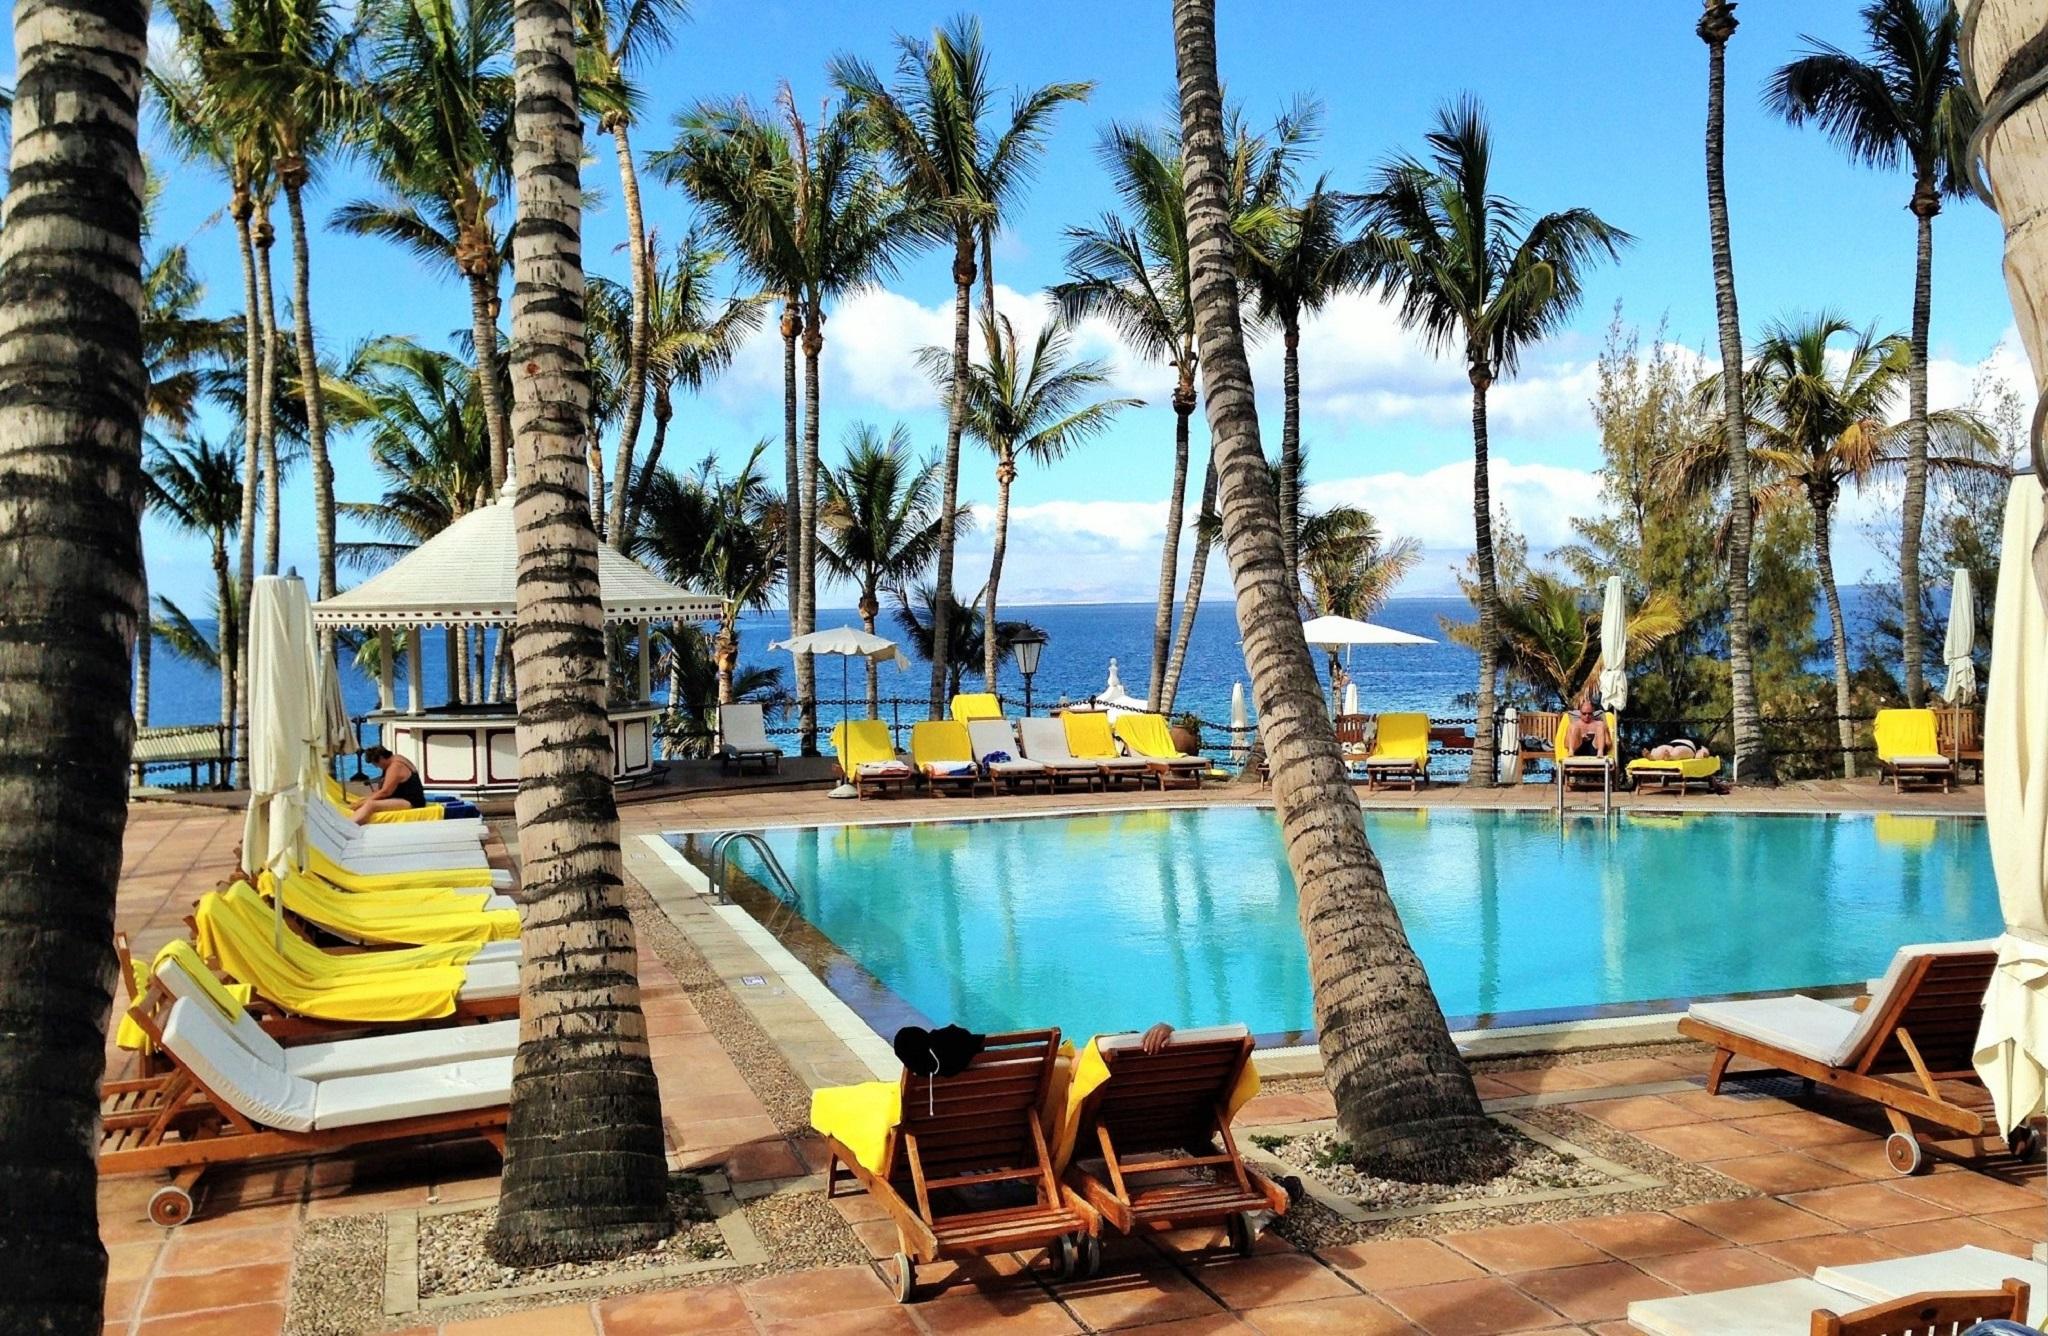 Jardín-piscina del hotel Los Fariones de Puerto del Carmen, Lanzarote